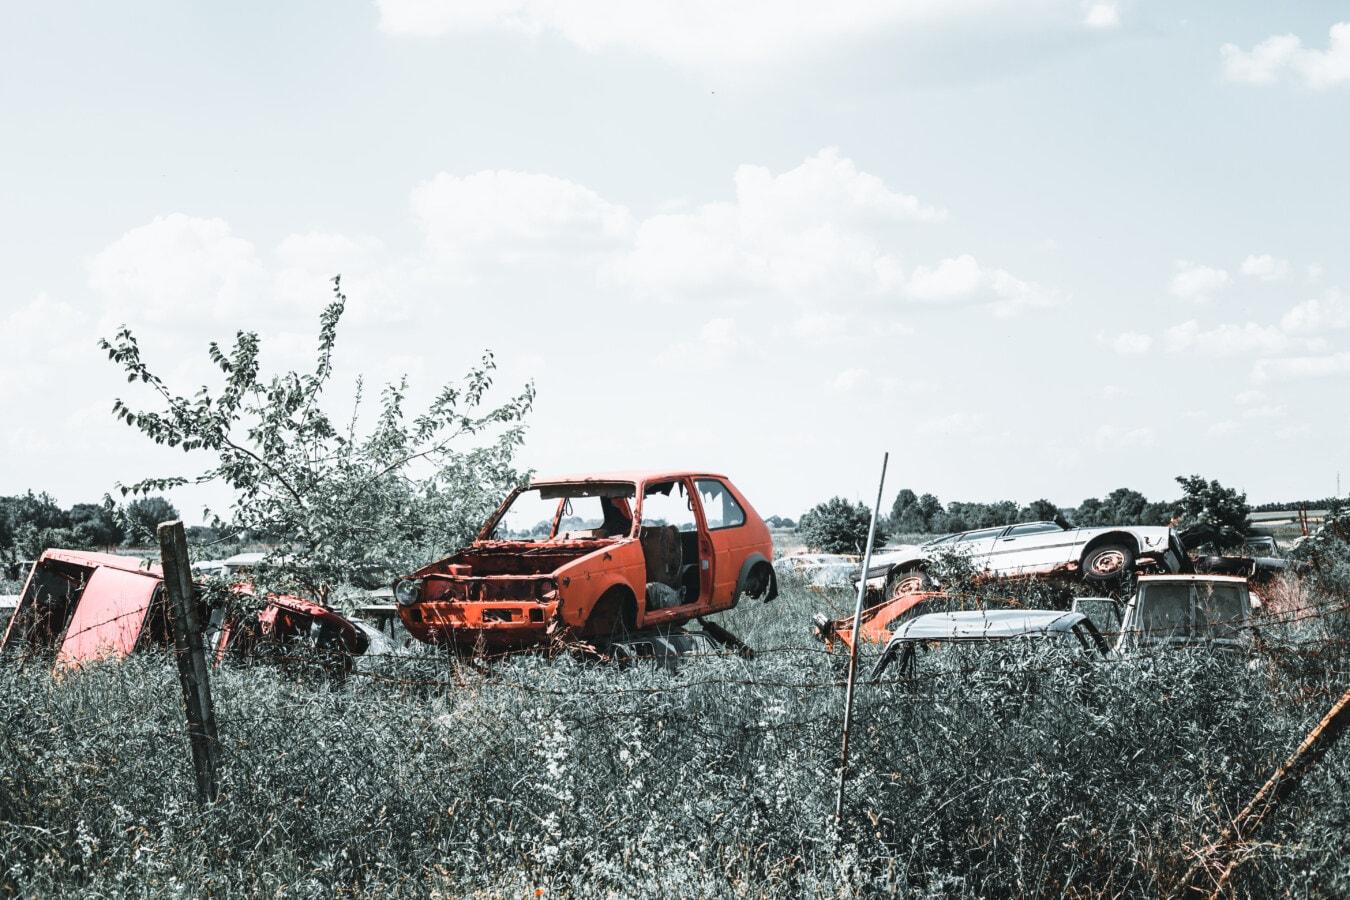 voitures, abandonné, indésirable, vieux, Junkyard, rouille, metal, déchets, industriel, voiture